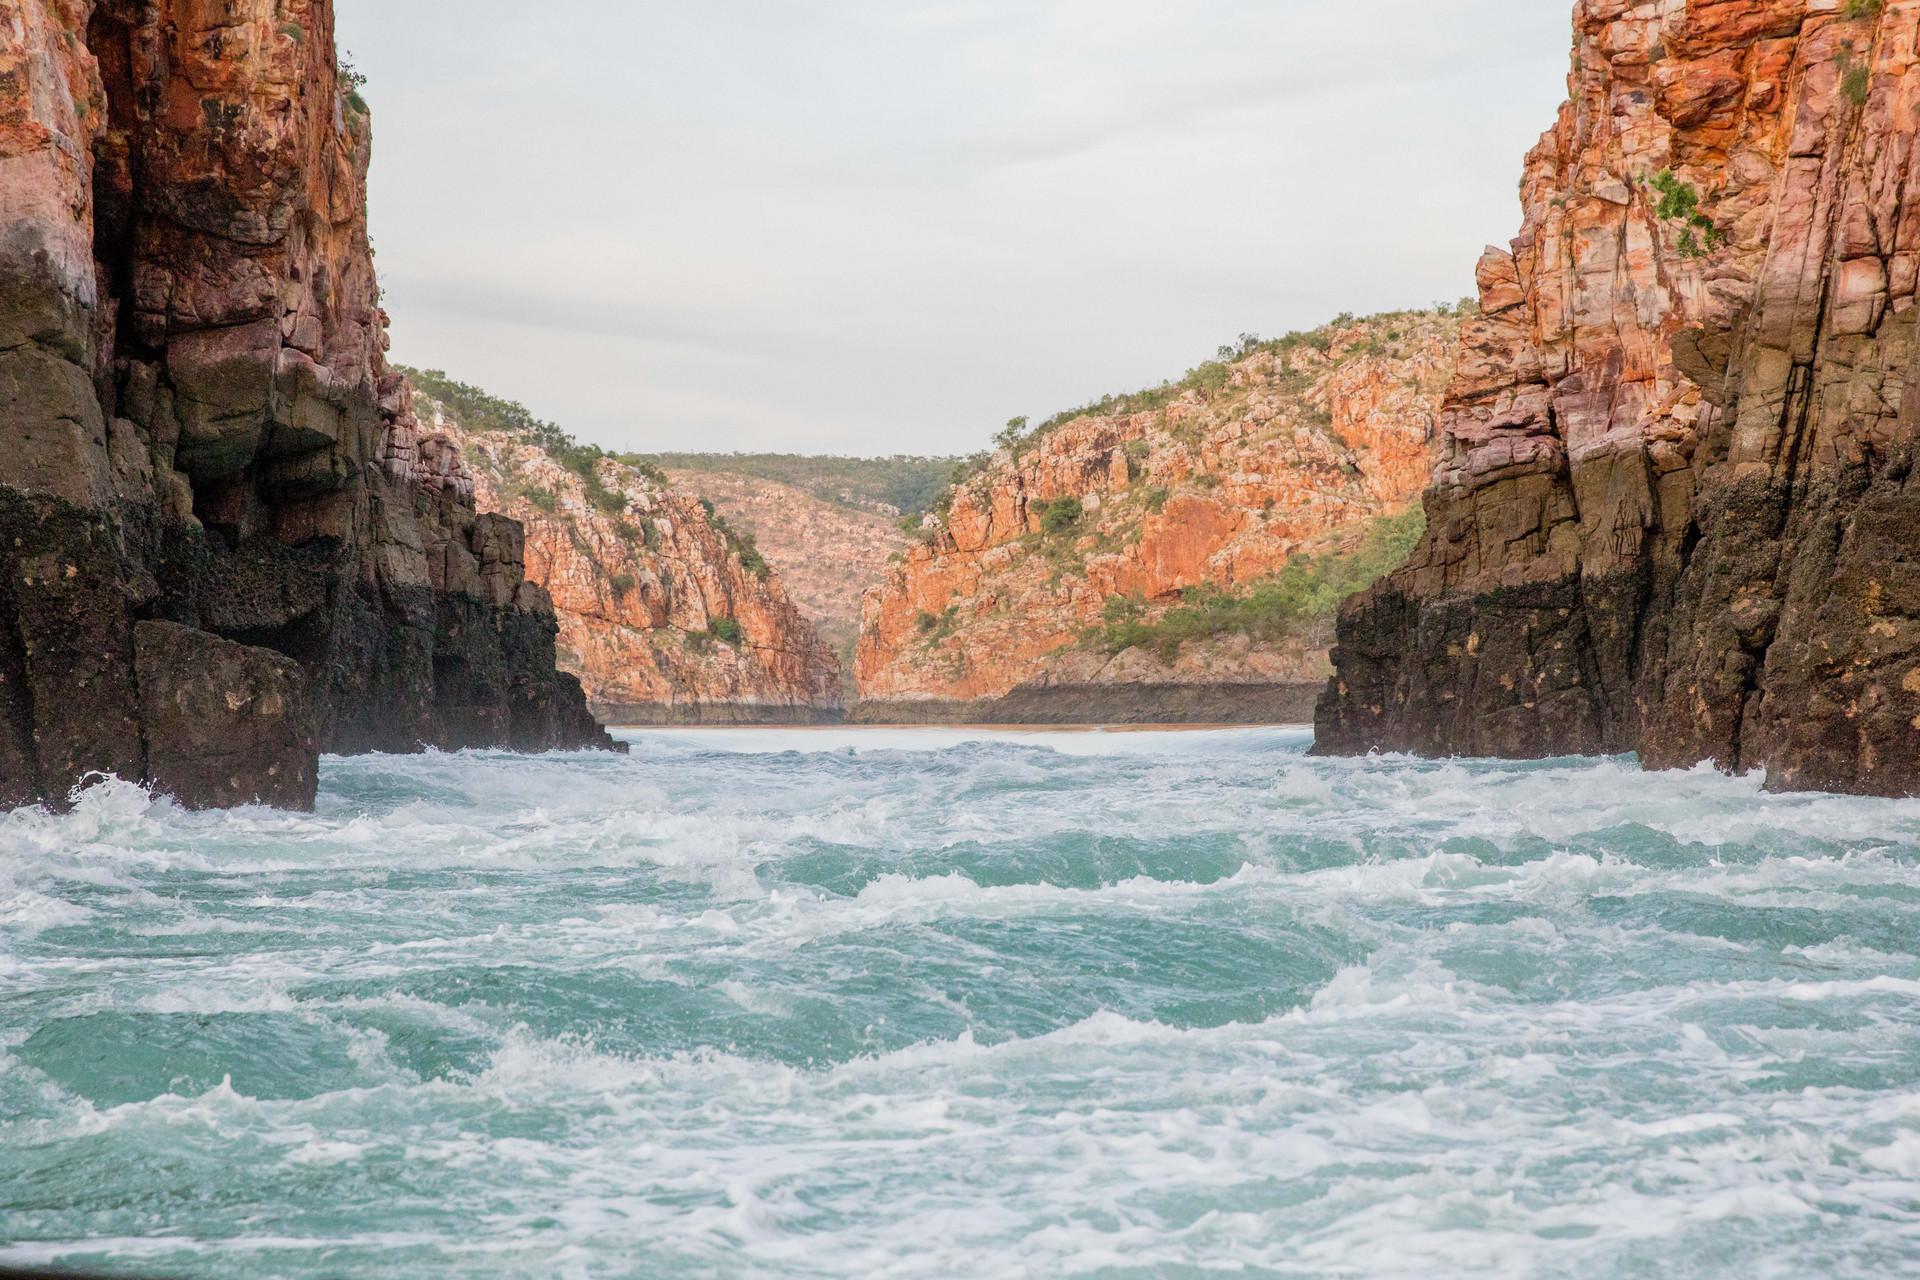 tidal flow, horizontal falls.